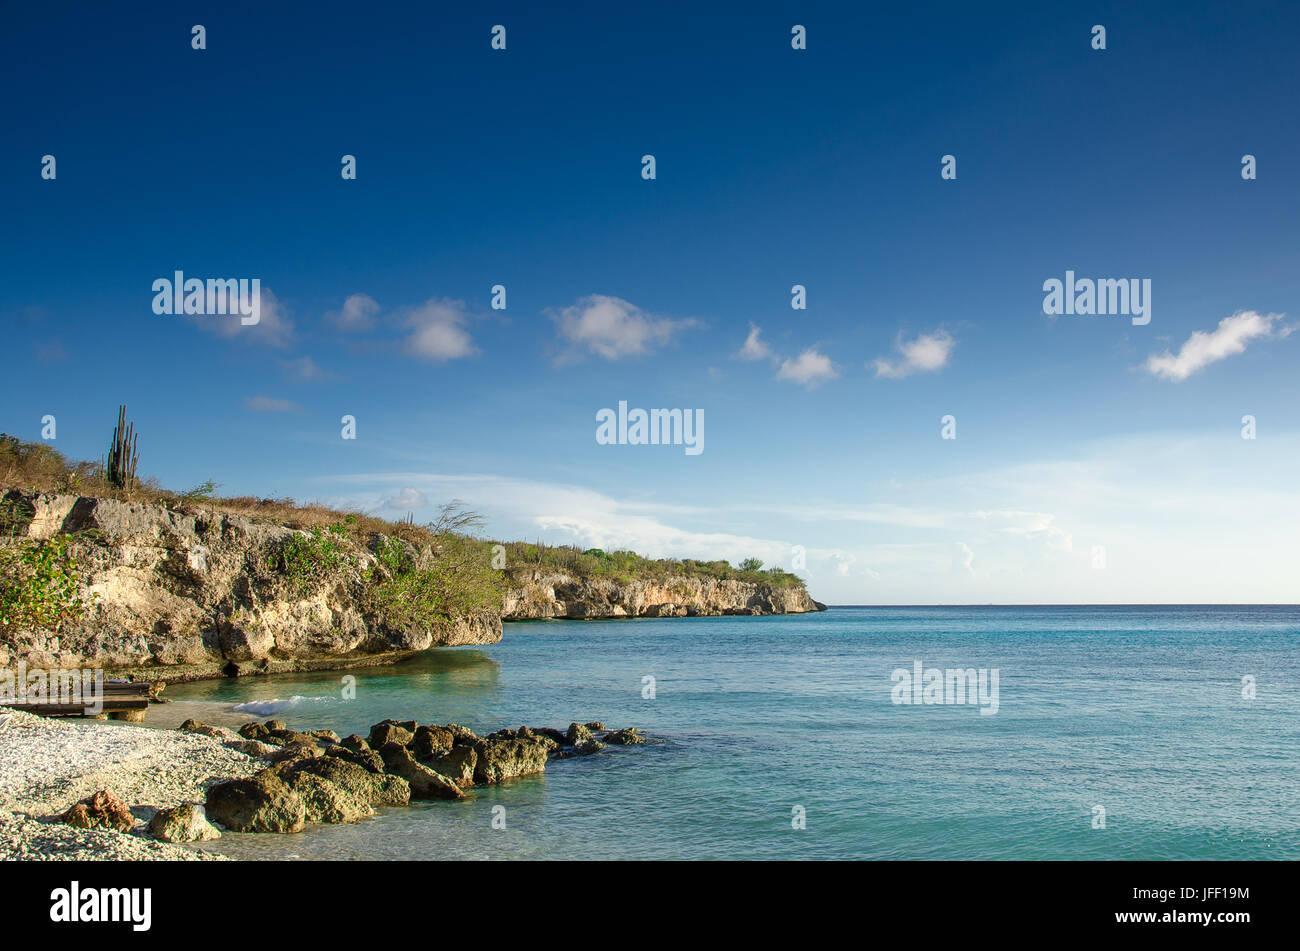 Beach on a Caribbean Island - Stock Image